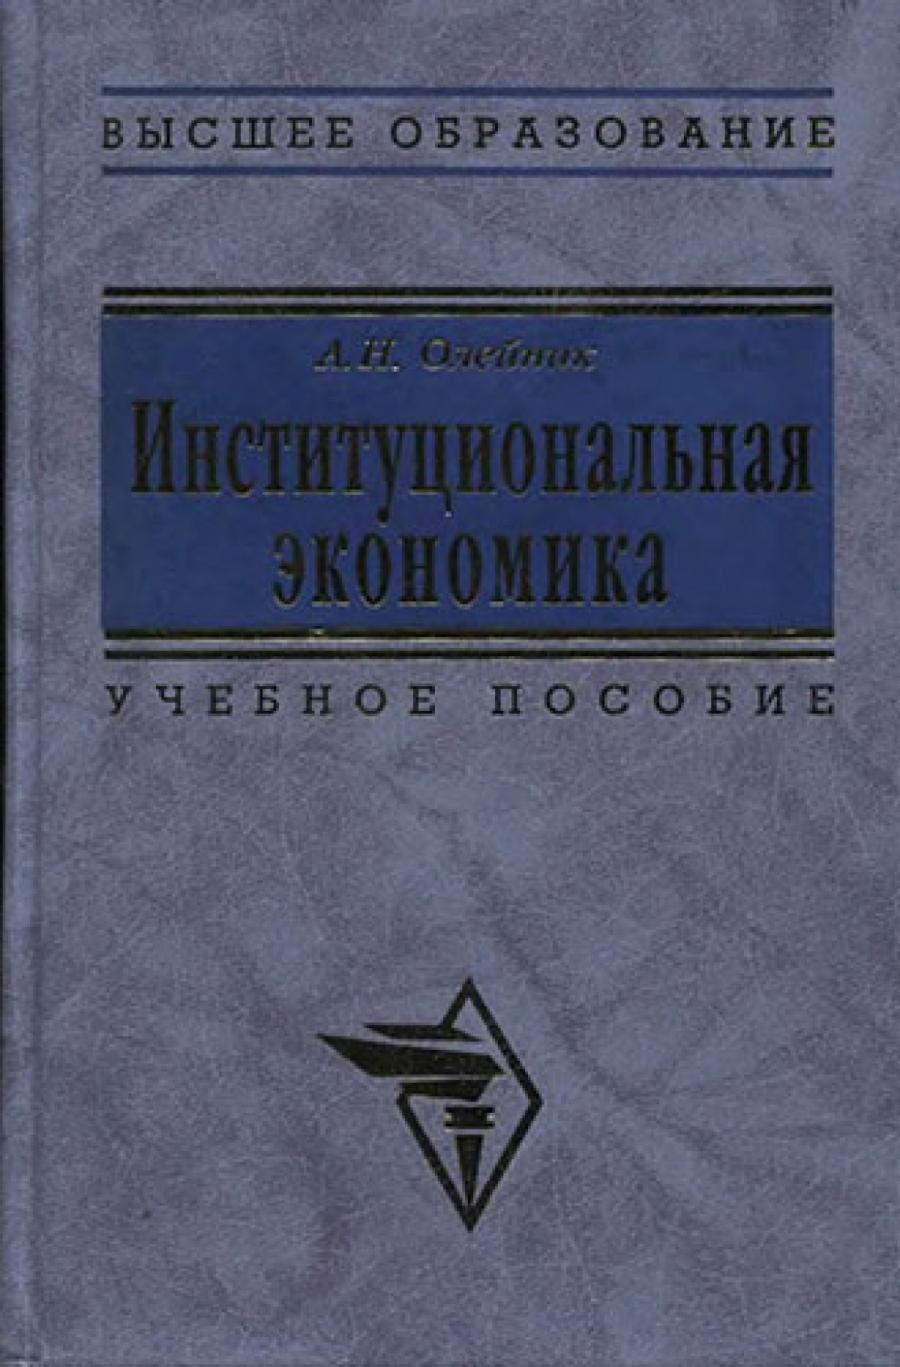 Обложка книги:  олейник а.н. - институциональная экономика